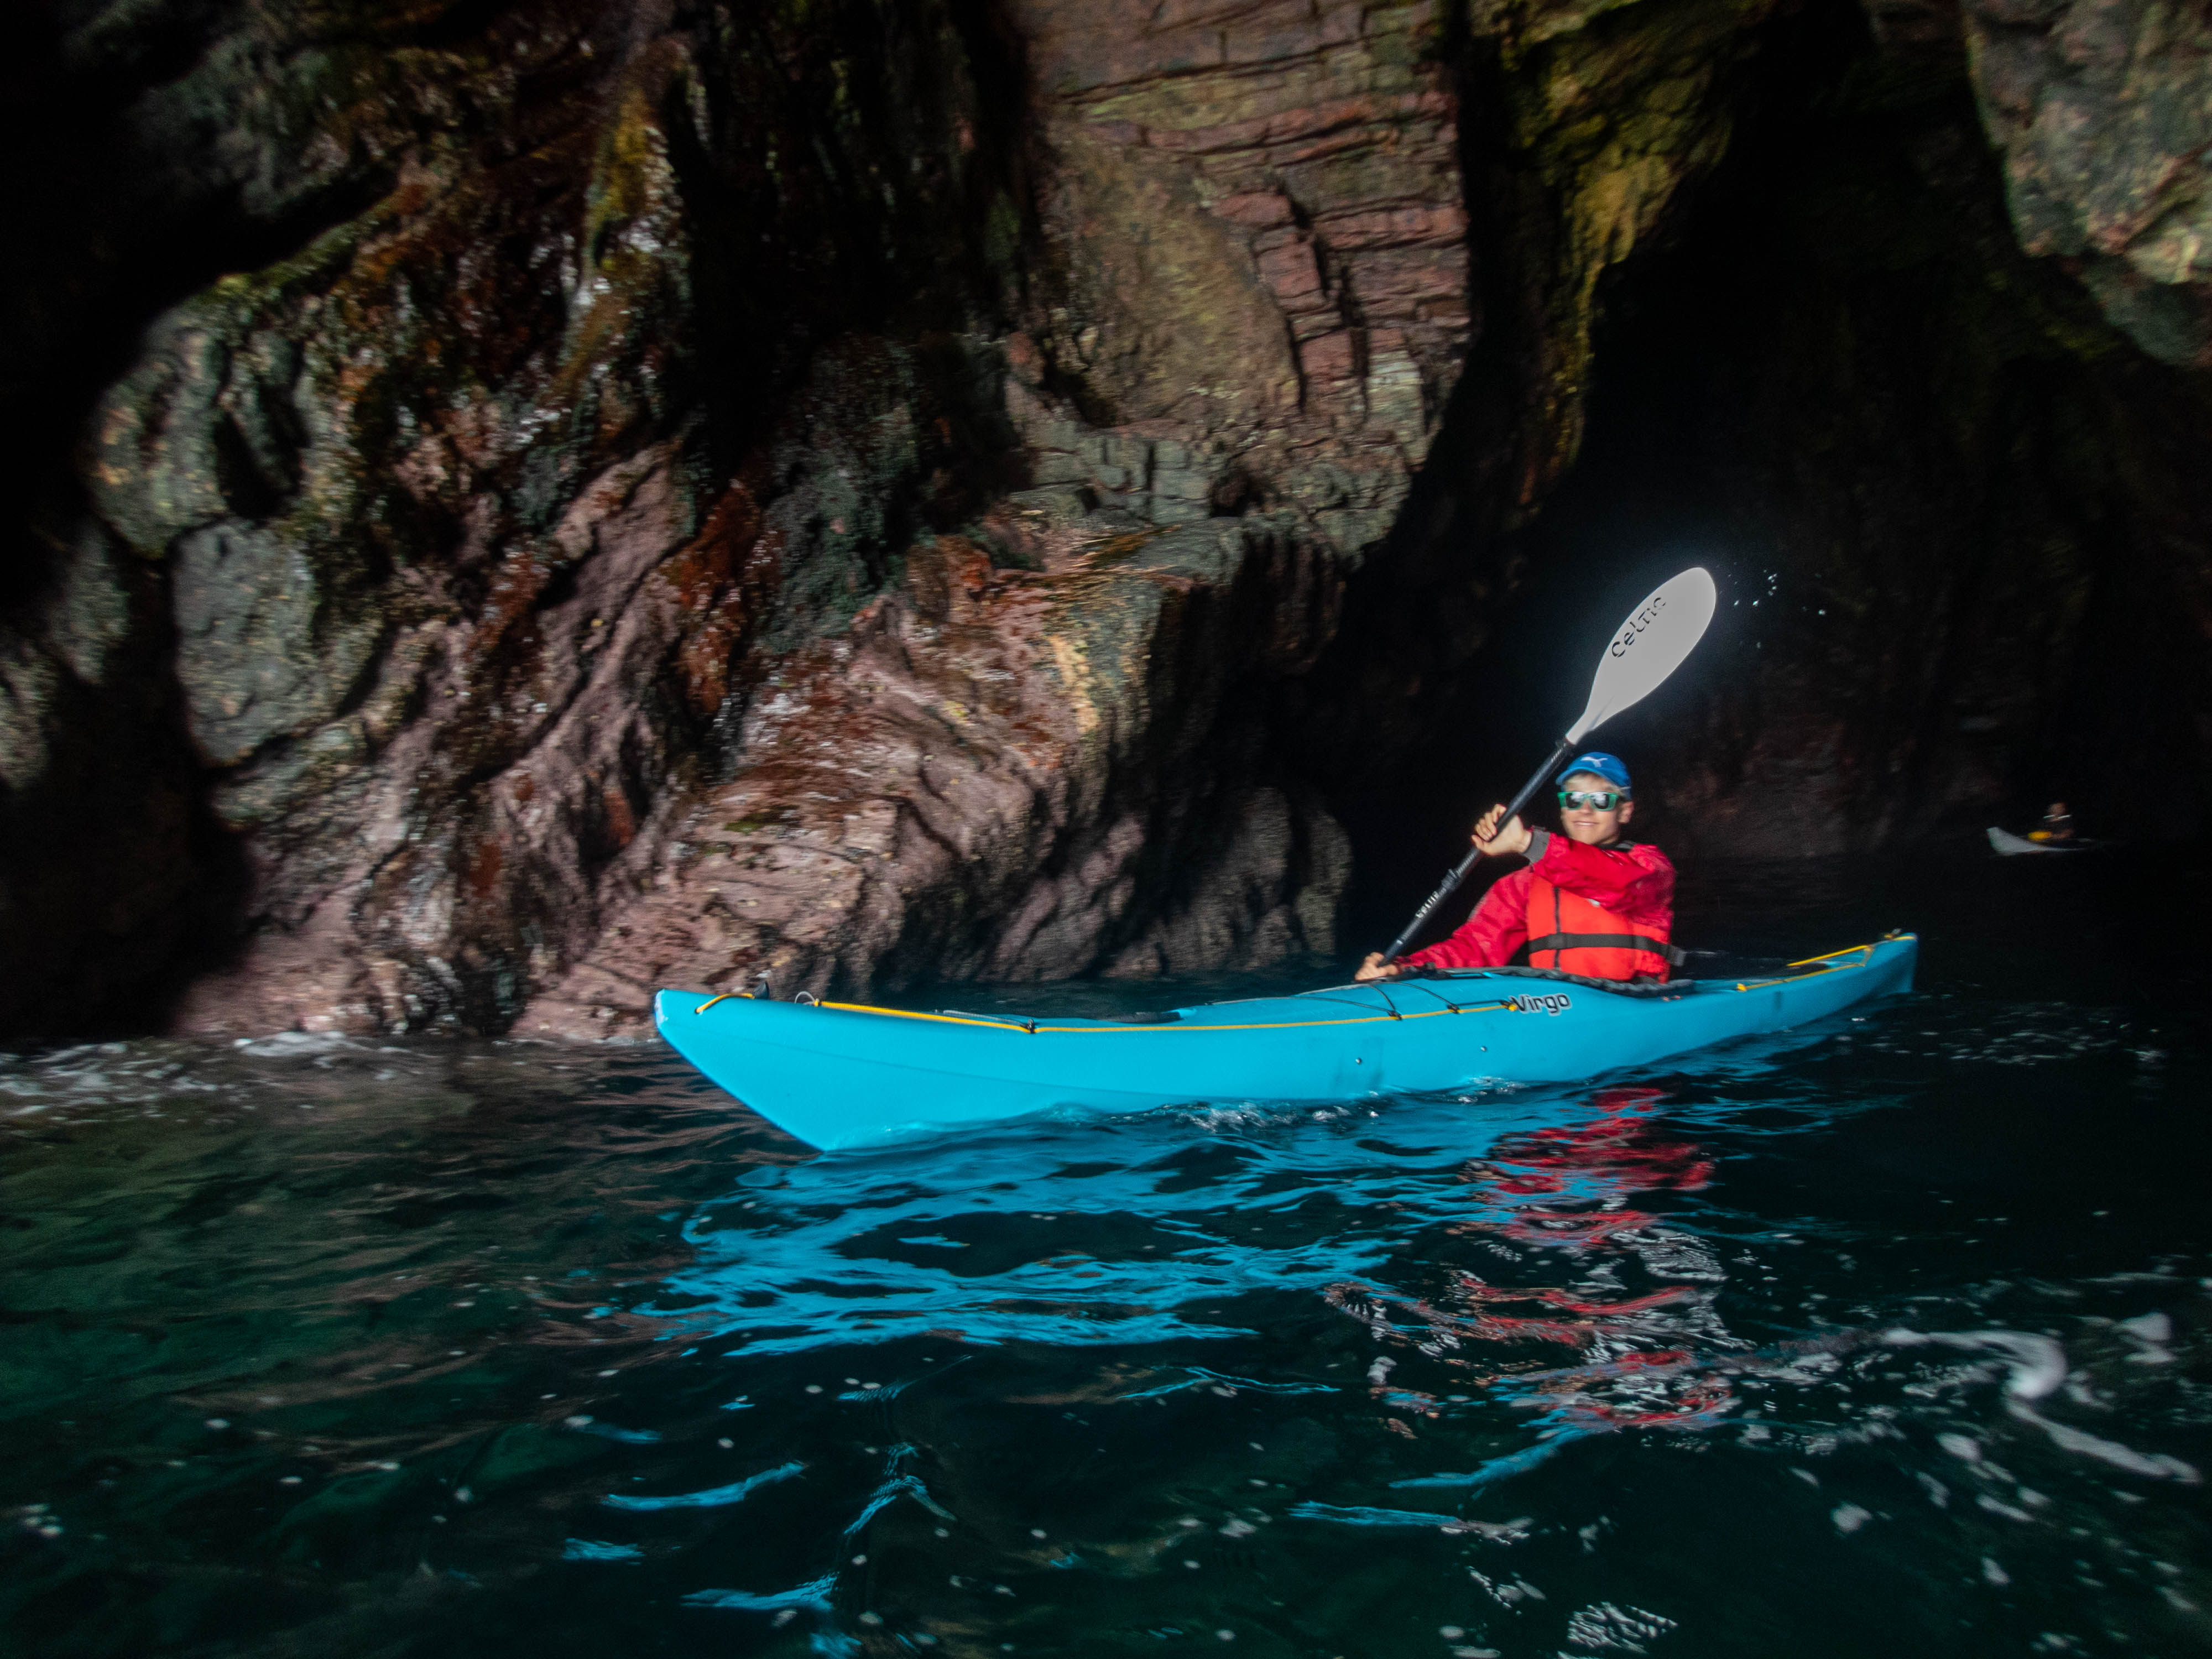 Kayaking through caves